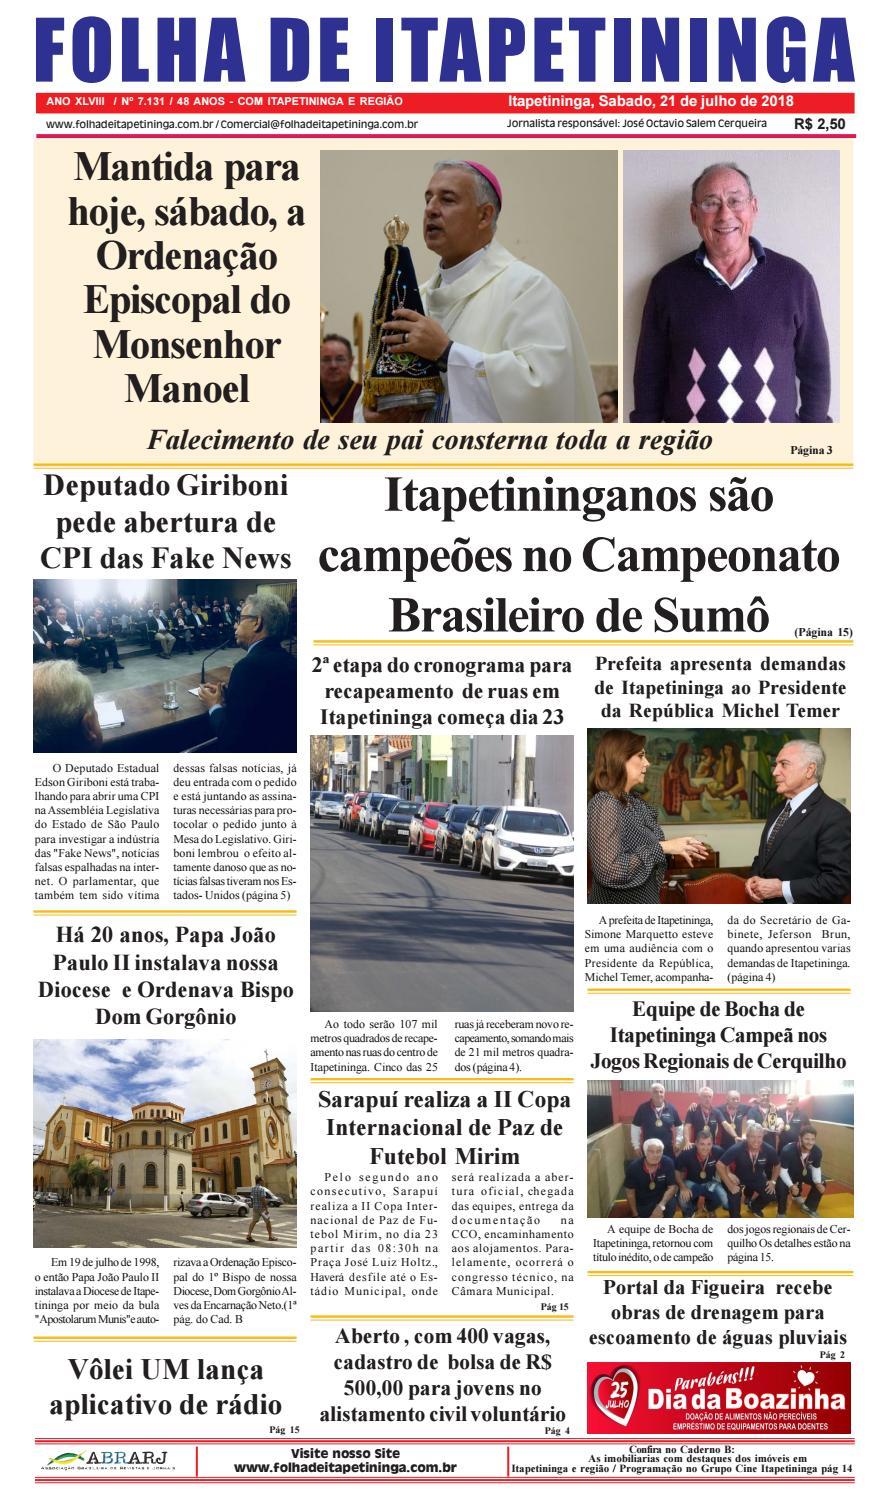 ce1116dcc Folha de Itapetininga 21/07/2018 by Jornal Folha de Itapetininga - issuu